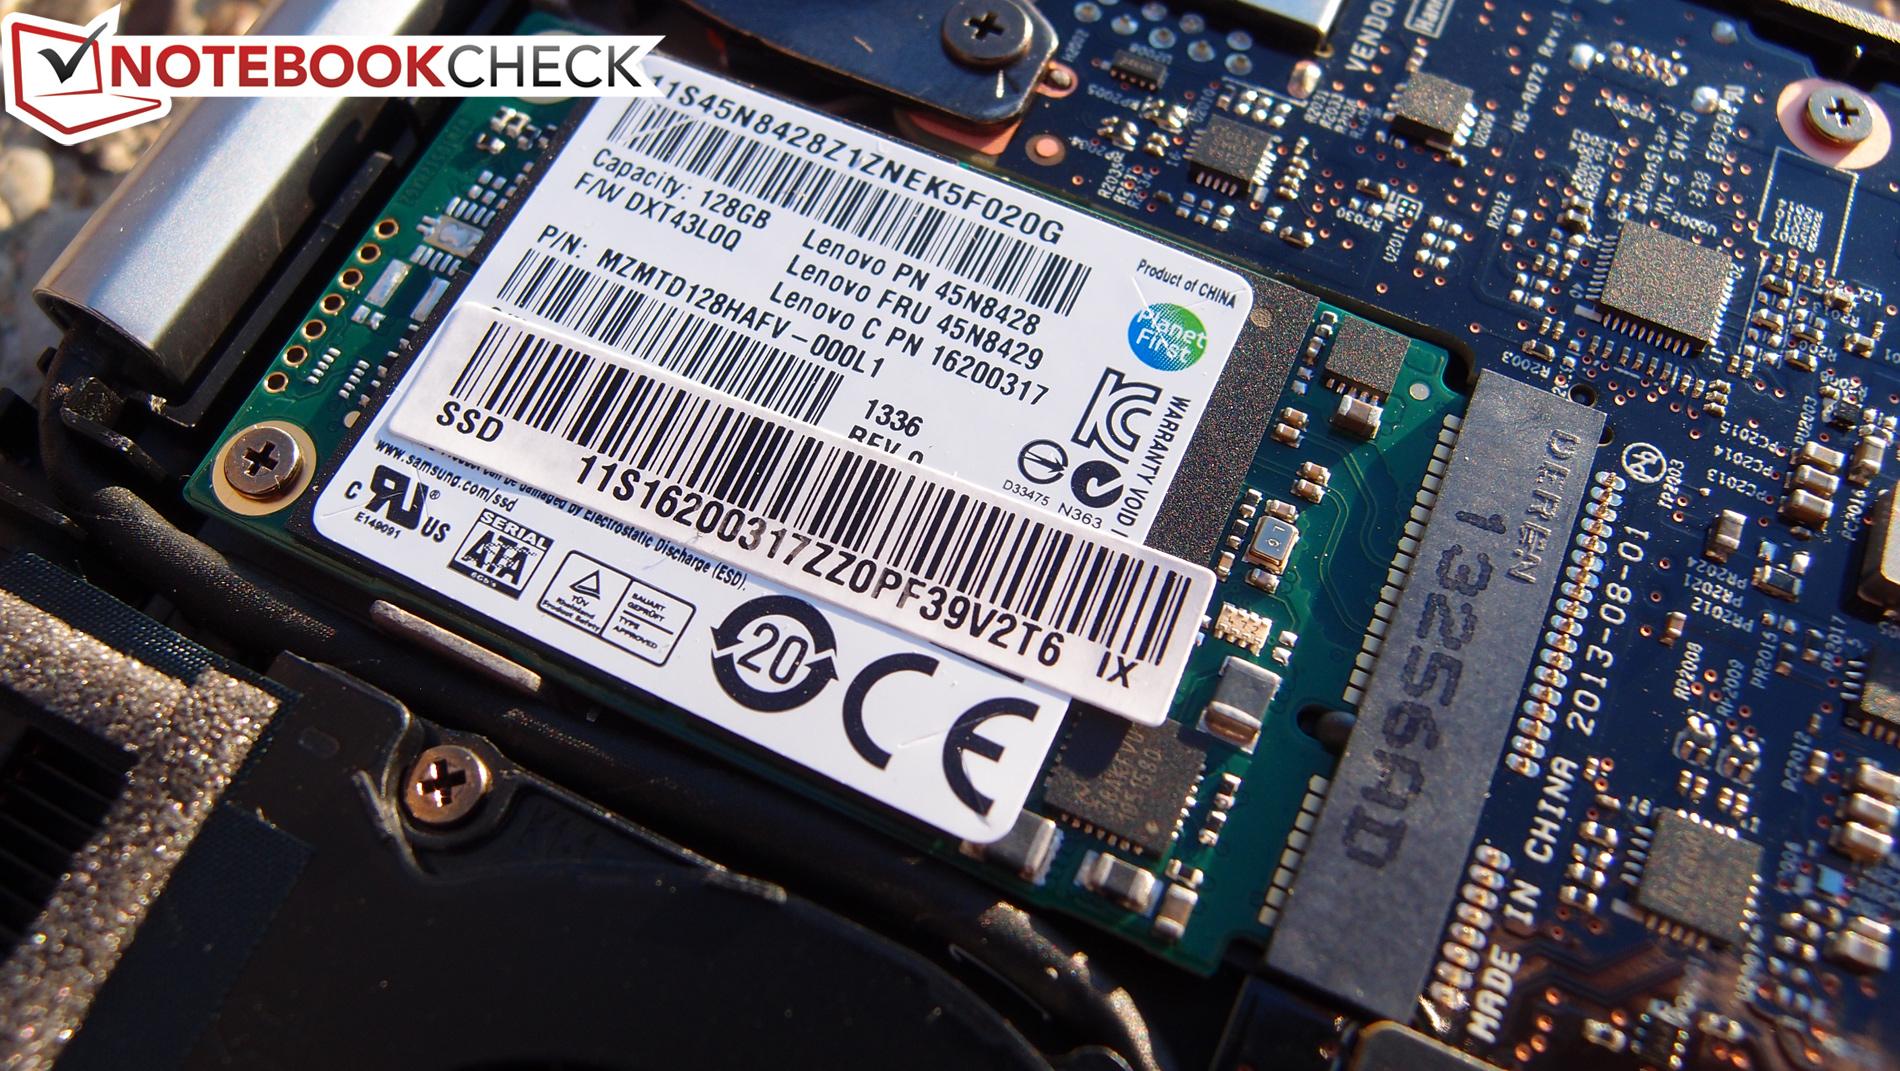 Recenzja Lenovo Yoga 2 Pro - Notebookcheck pl